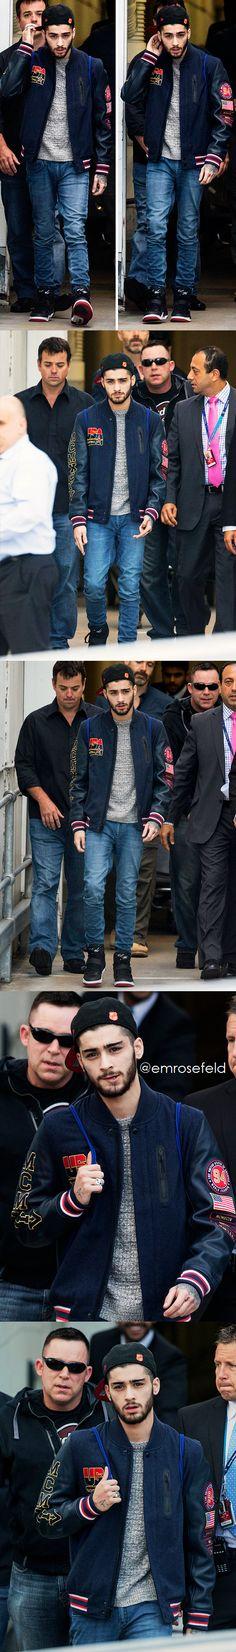 Zayn Malik (arriving in Sydney 2.6.15)